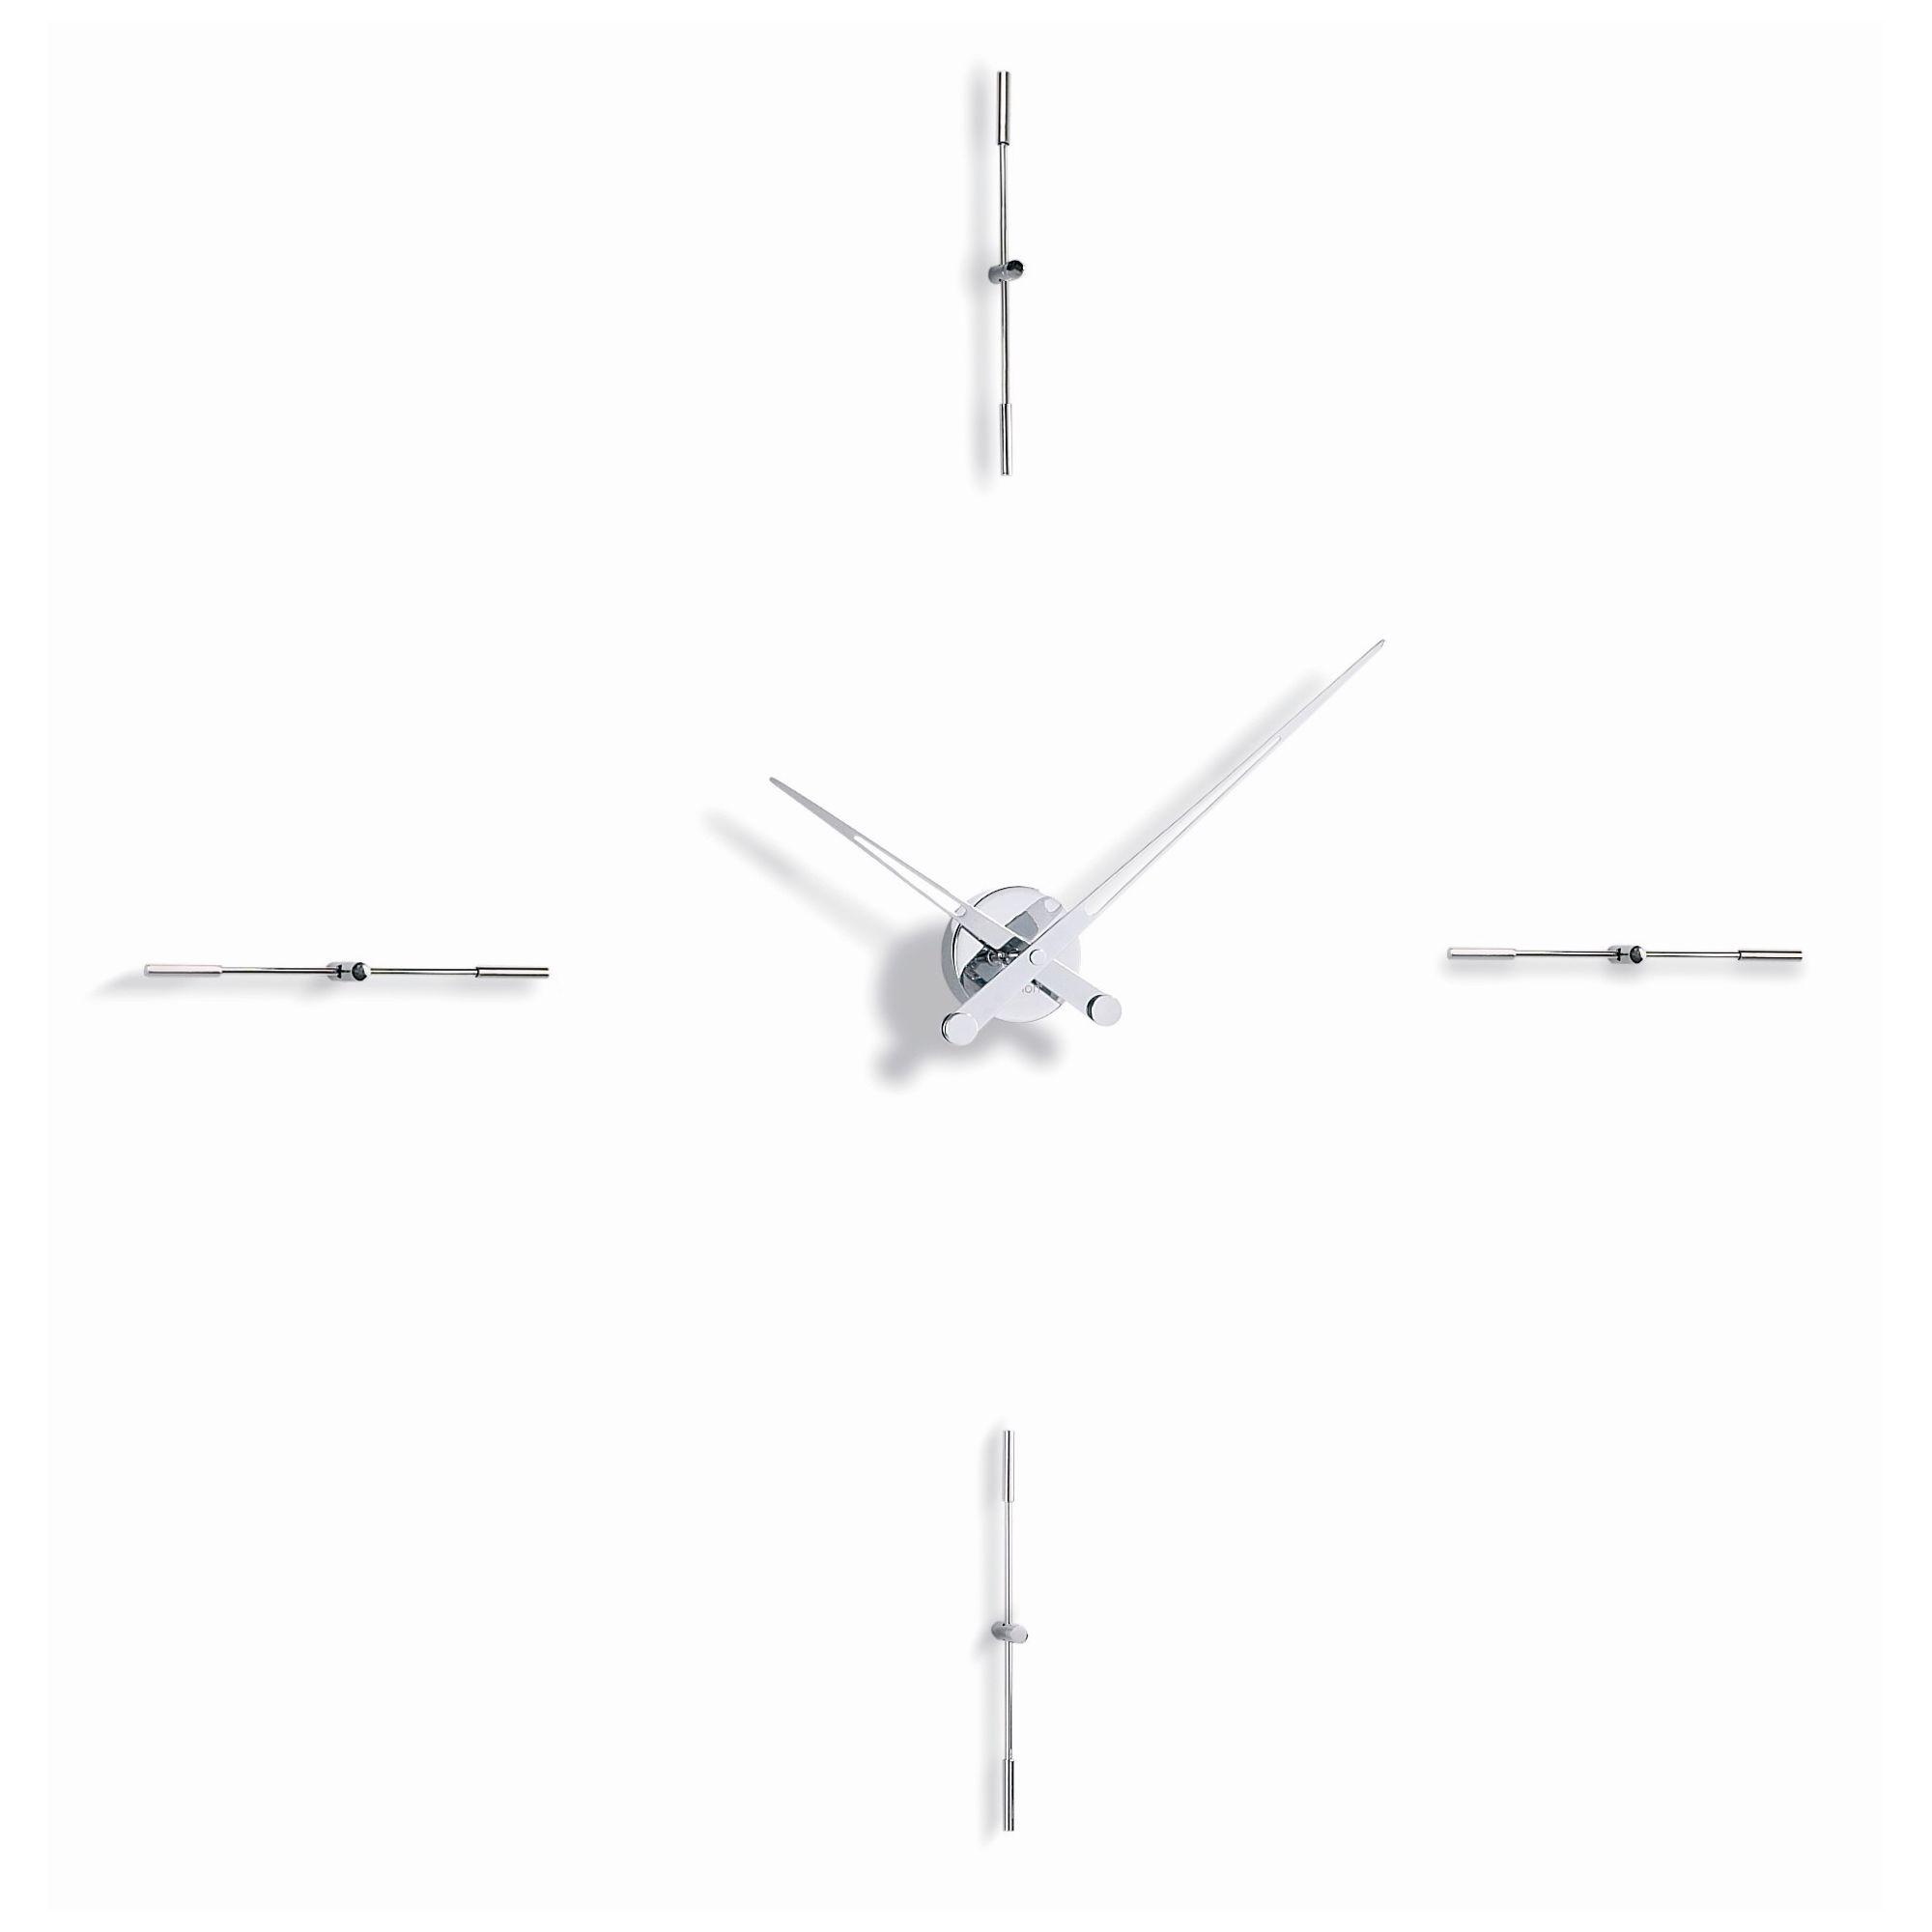 NOMON Merlin 4 I Clock - Chromed Steel at Tesco Direct